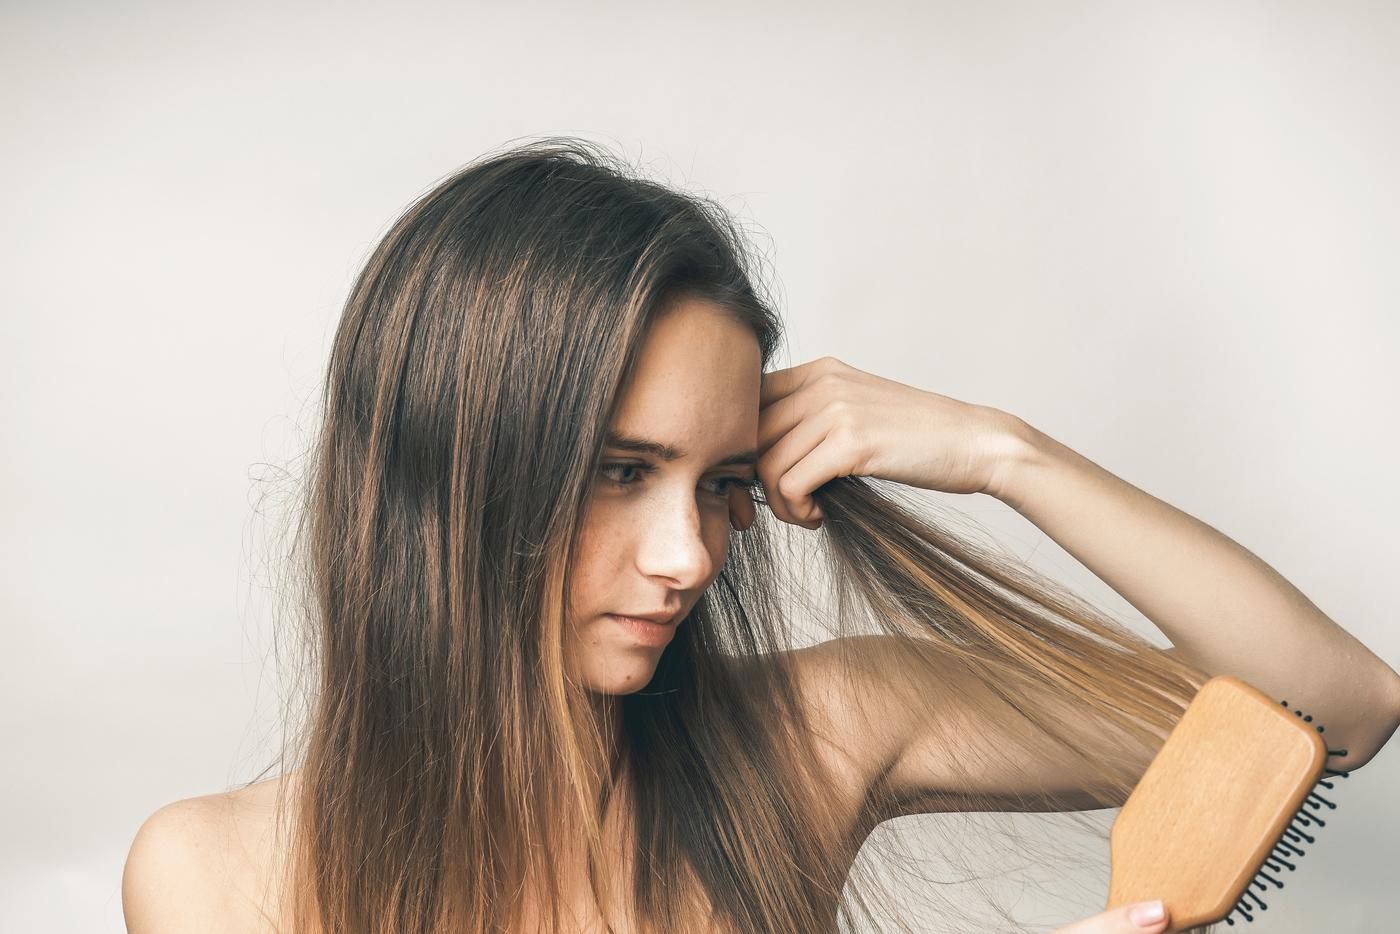 頭皮の汗ケア、できてる?夏でもすっきり美髪を手に入れる秘訣の1枚目の画像